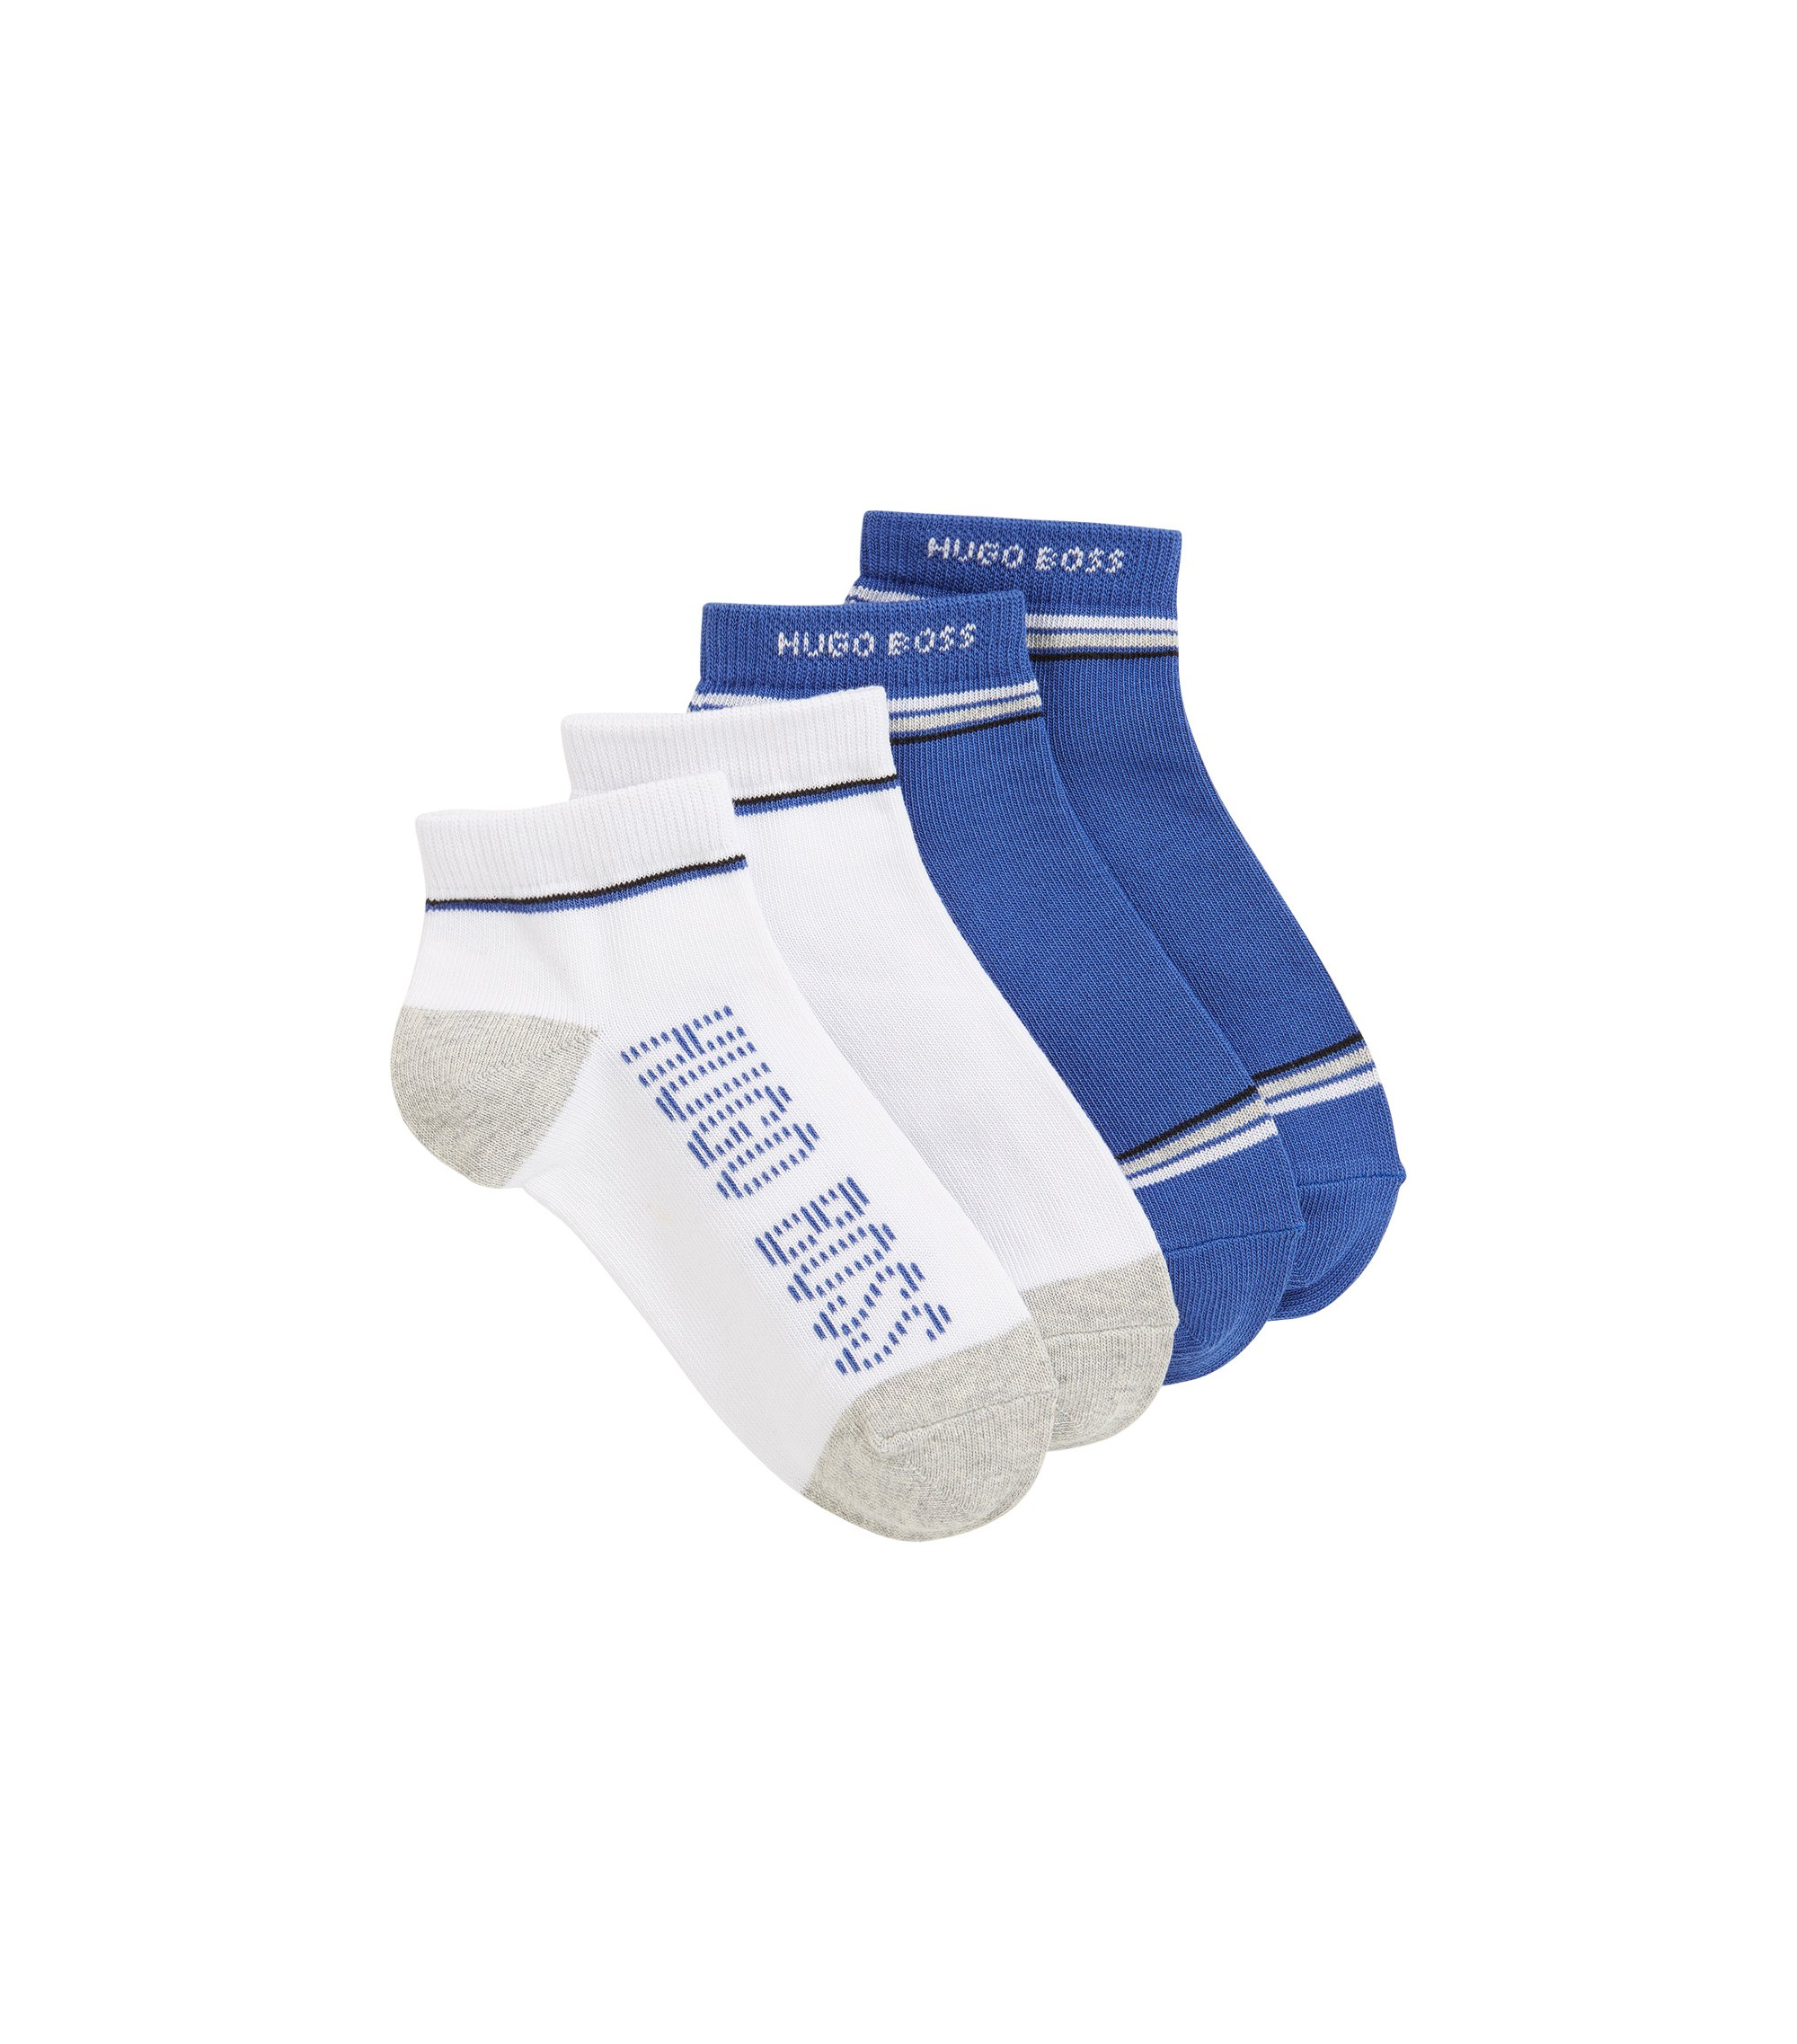 Lot de deux paires de chaussettes basses enfant, en coton stretch mélangé, Fantaisie